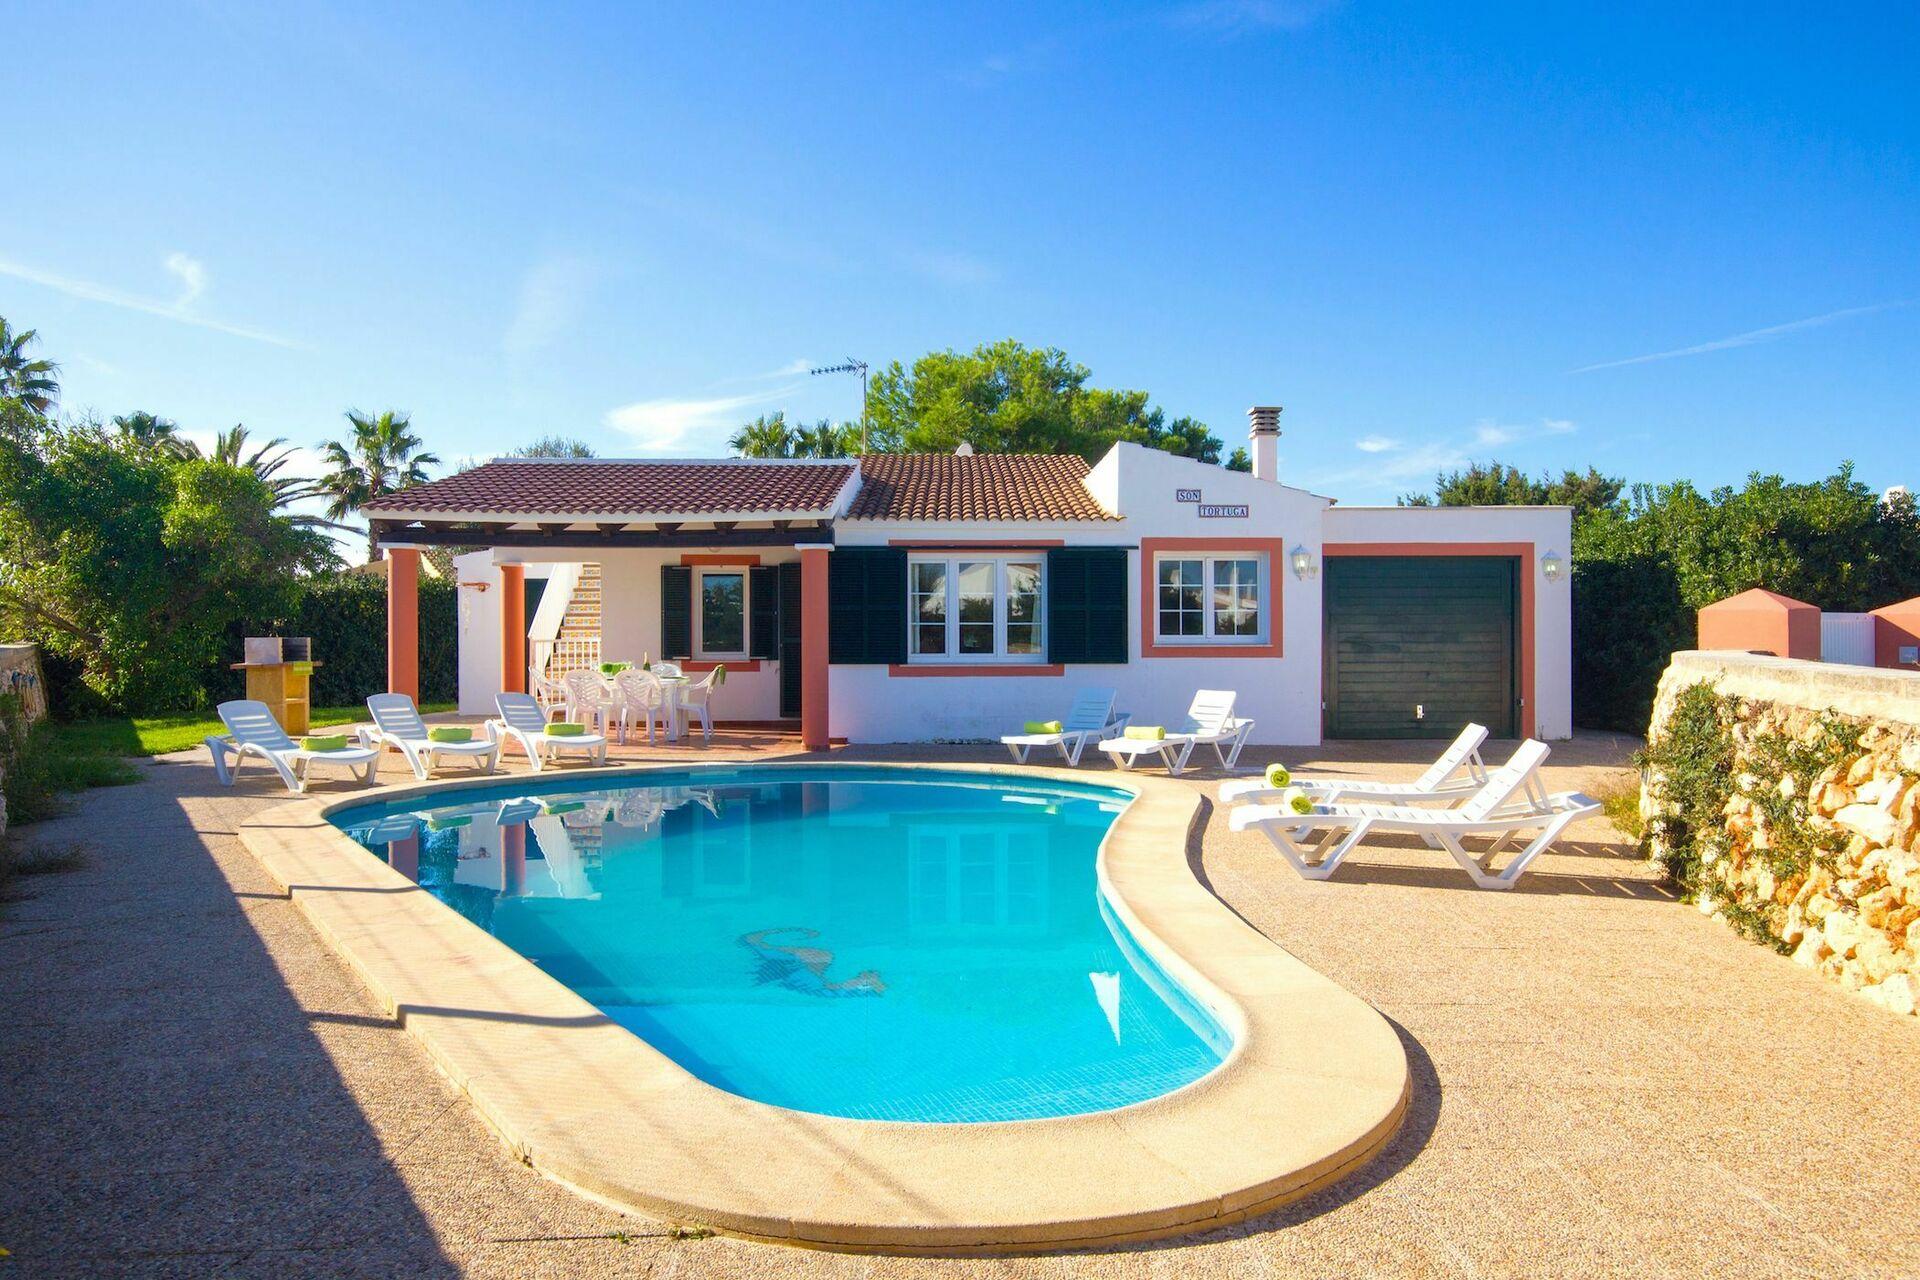 Villa tortuga vakantiehuis in cala 39 n bosch balearic for Villas tortuga celestino